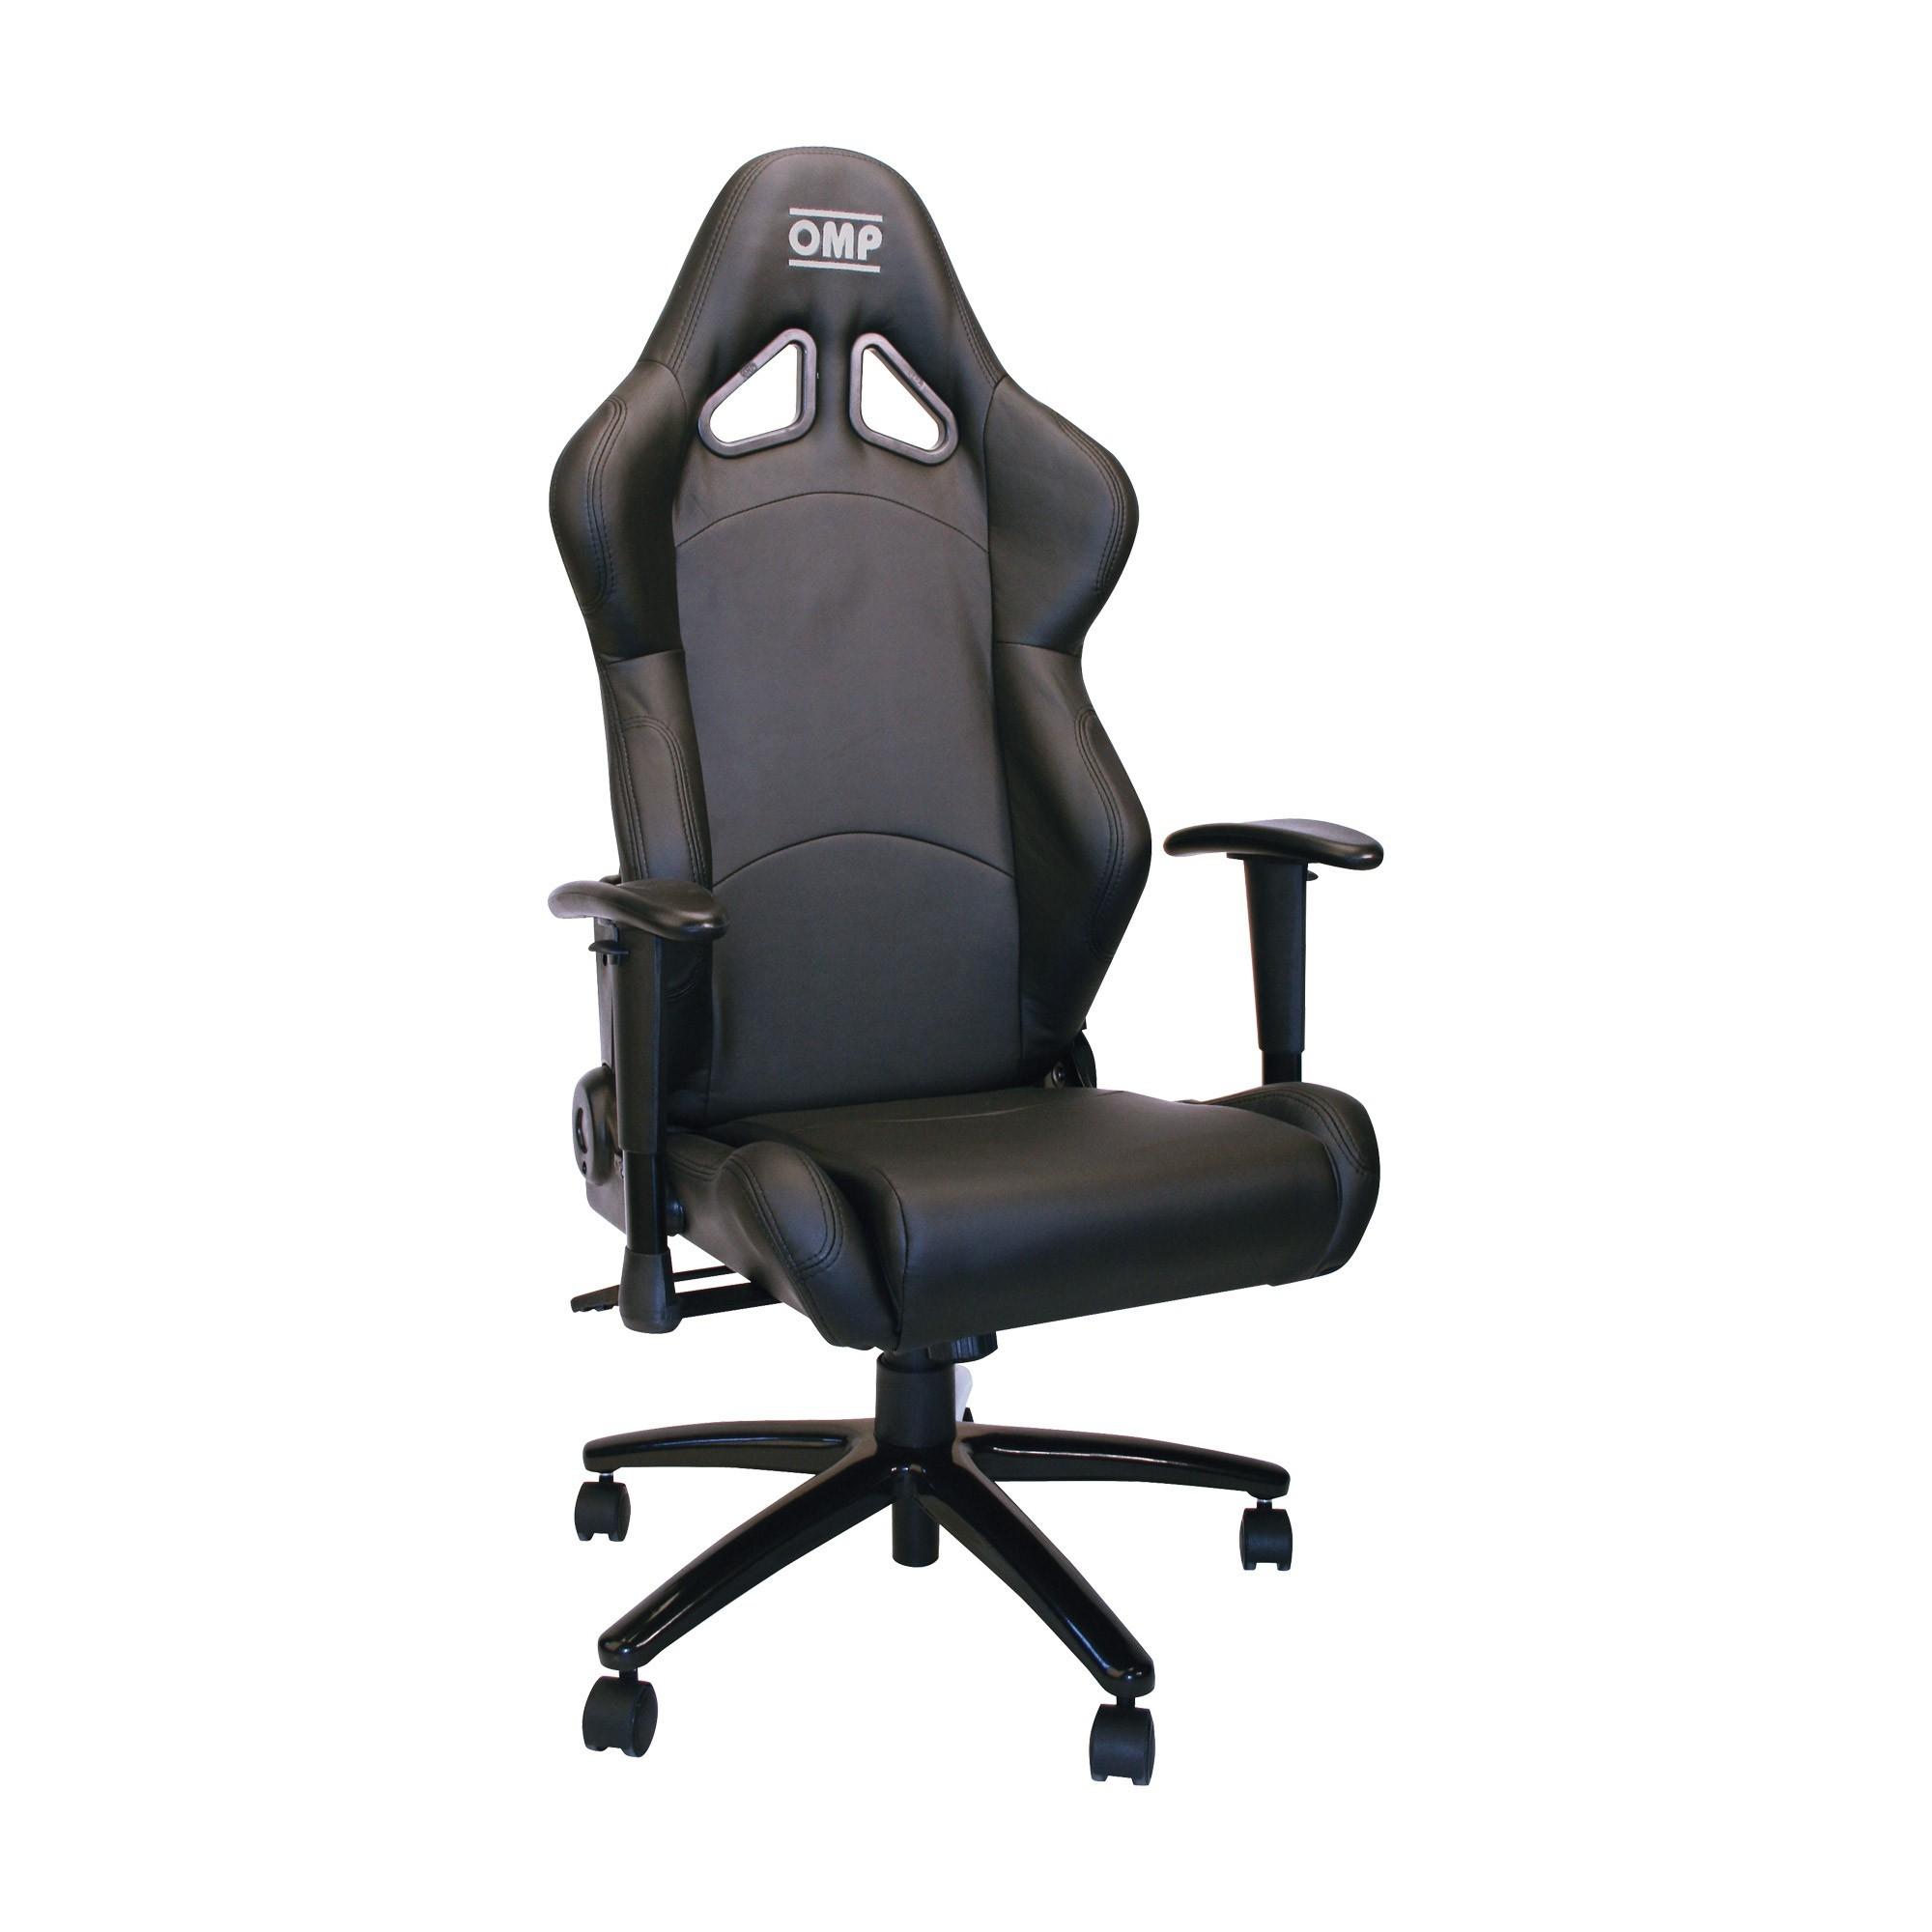 OMP CHAIR MY 2016 - Racing Swivel Chair   OMP Racing